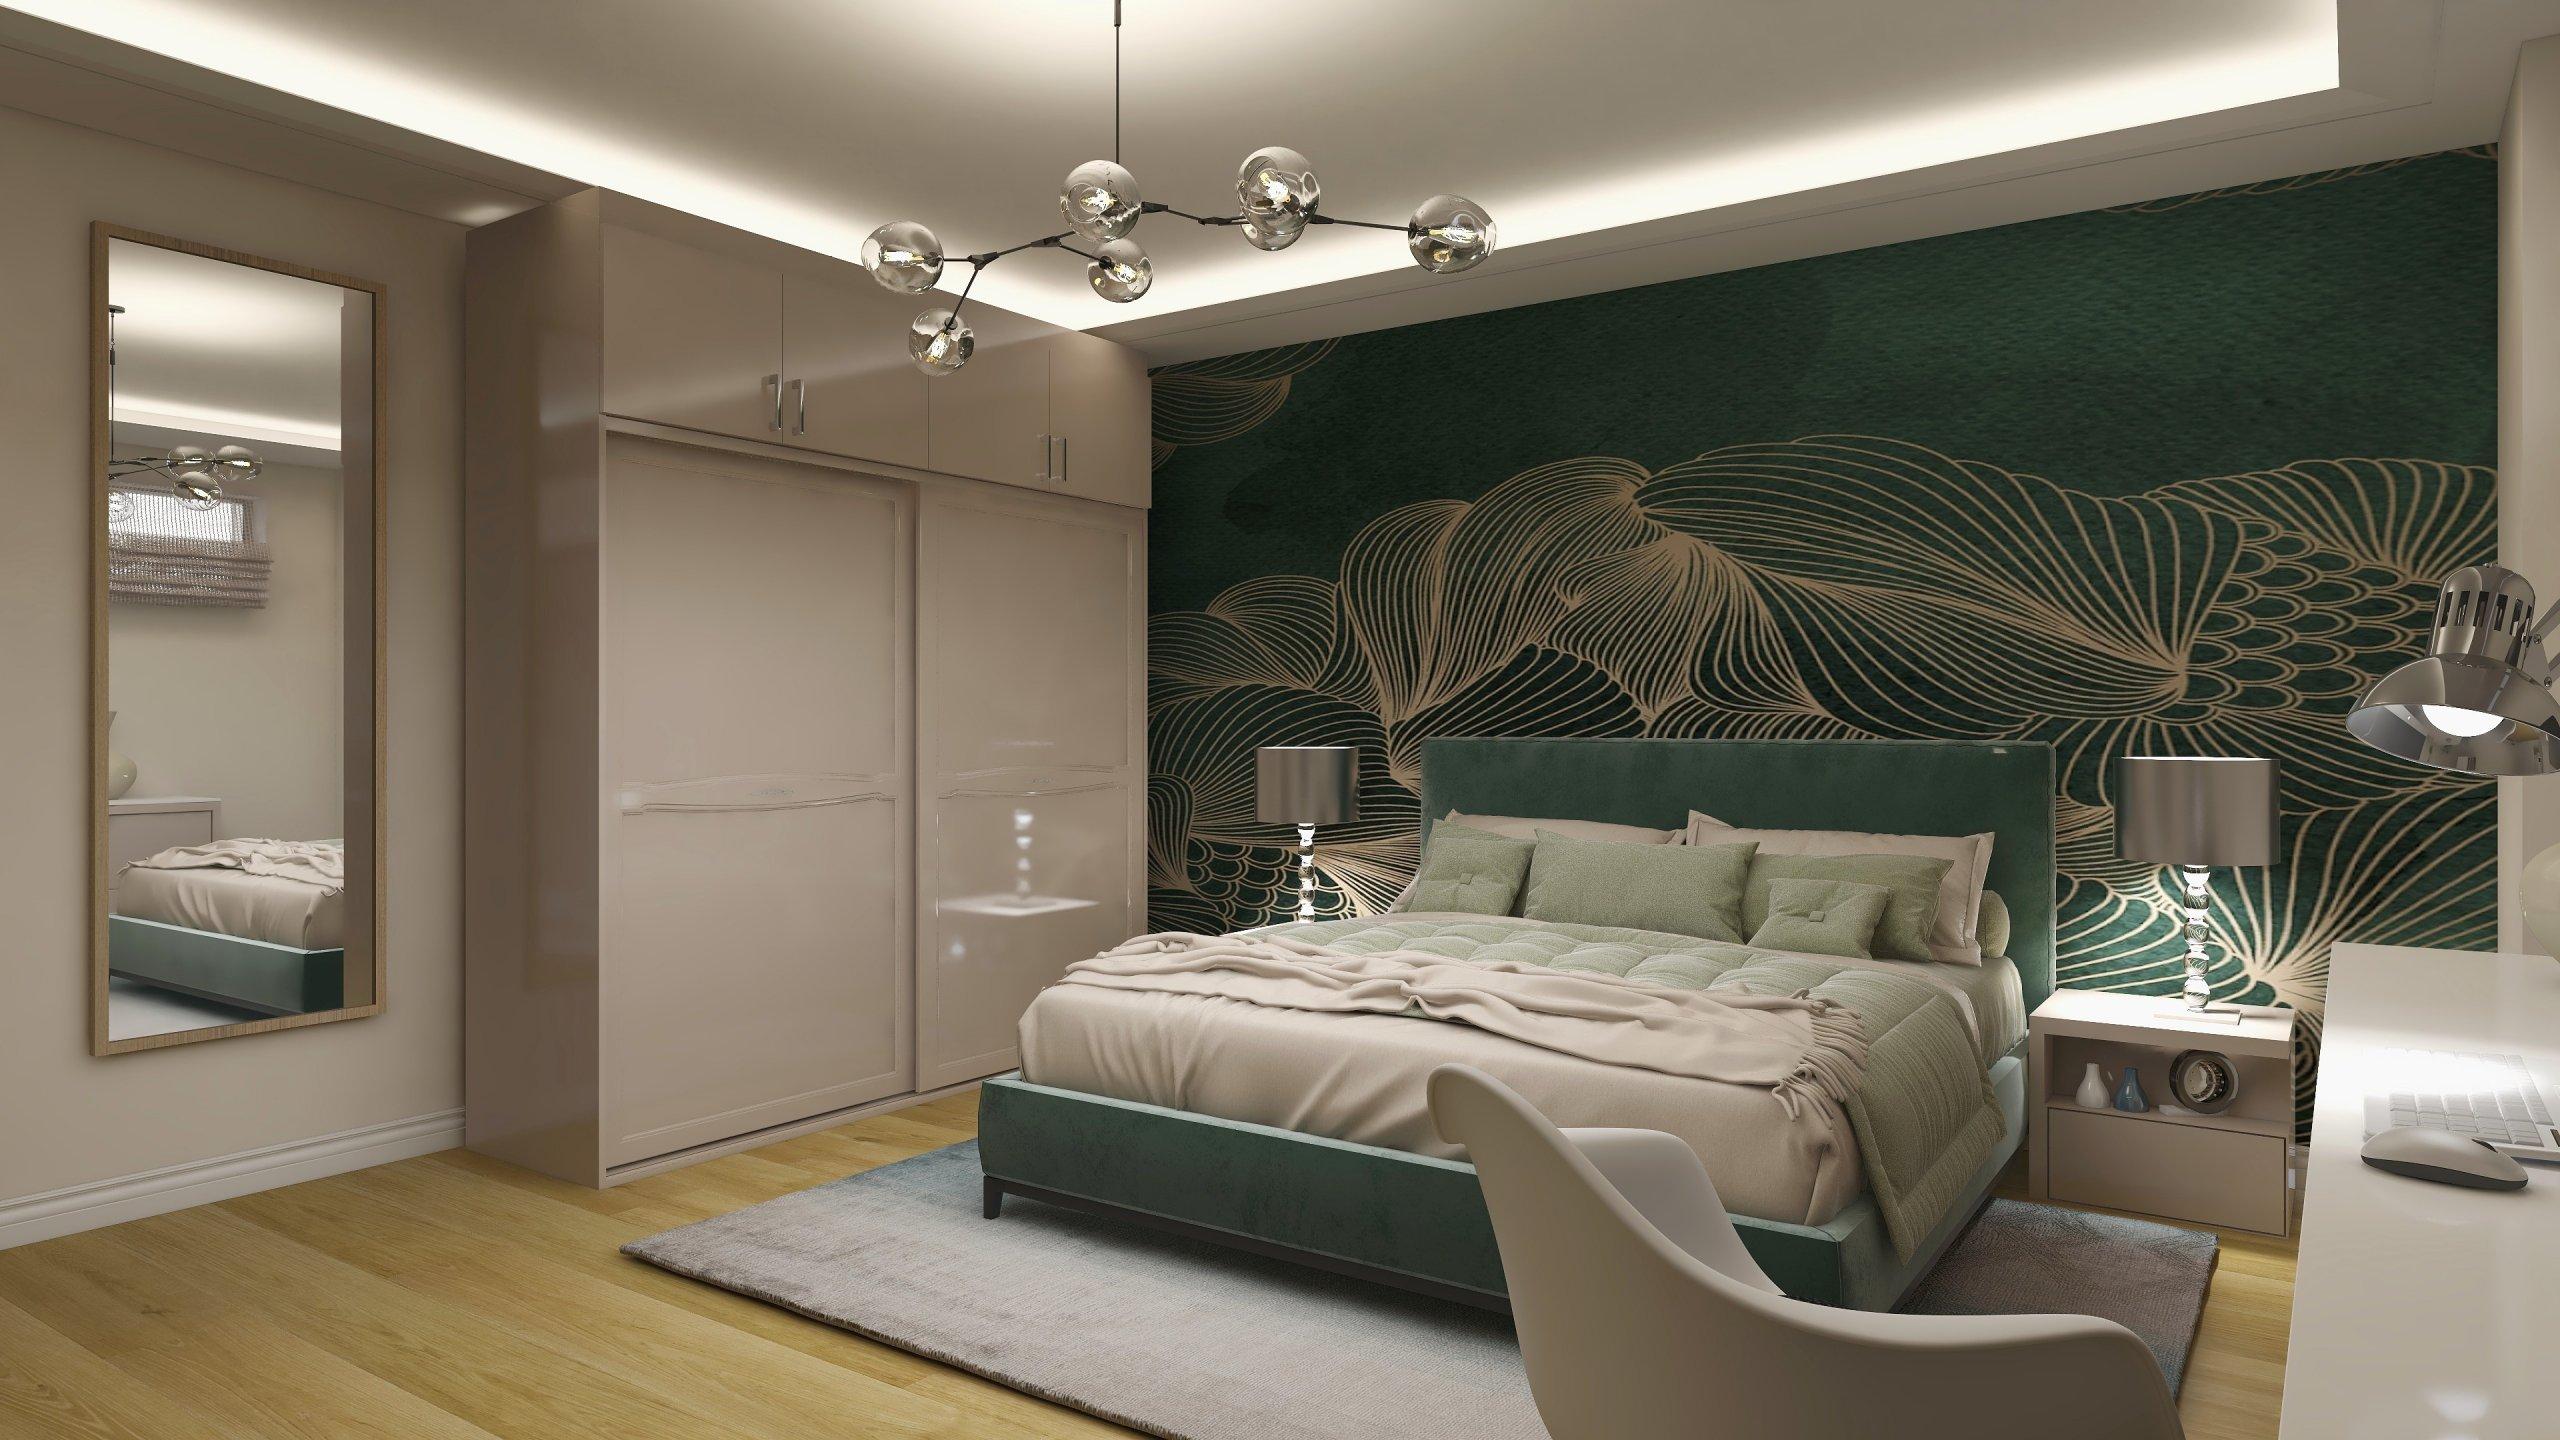 Dormitor amenajat cu tapet verde cu auriu si mult crem